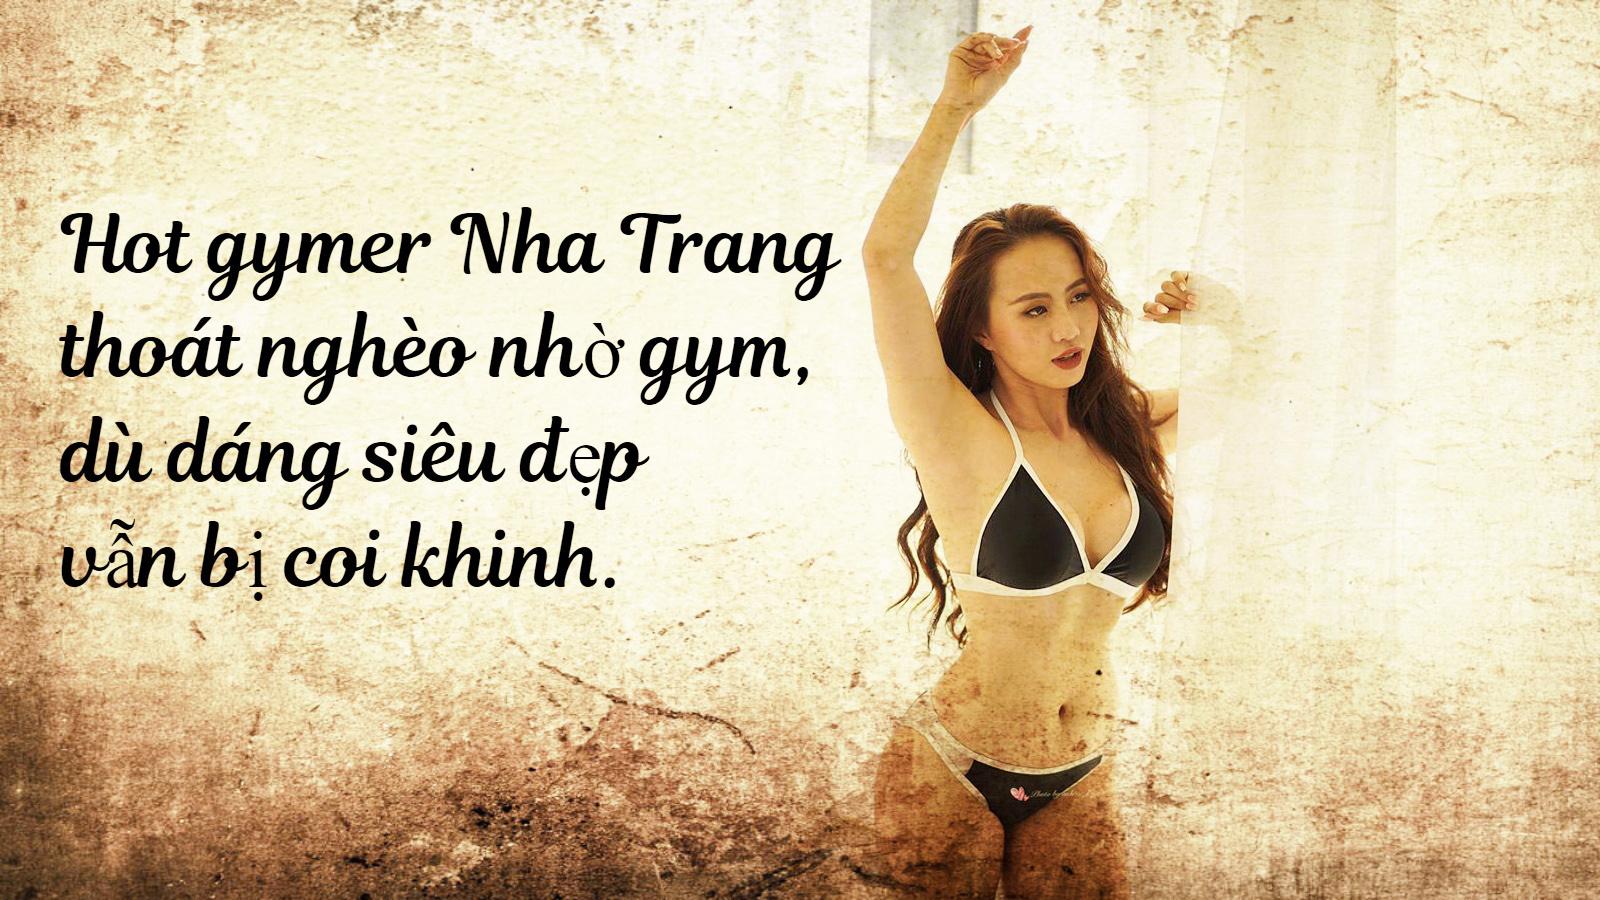 9X Nha Trang thoát nghèo nhờ gym kể chuyện đẹp vẫn bị coi thường - 1